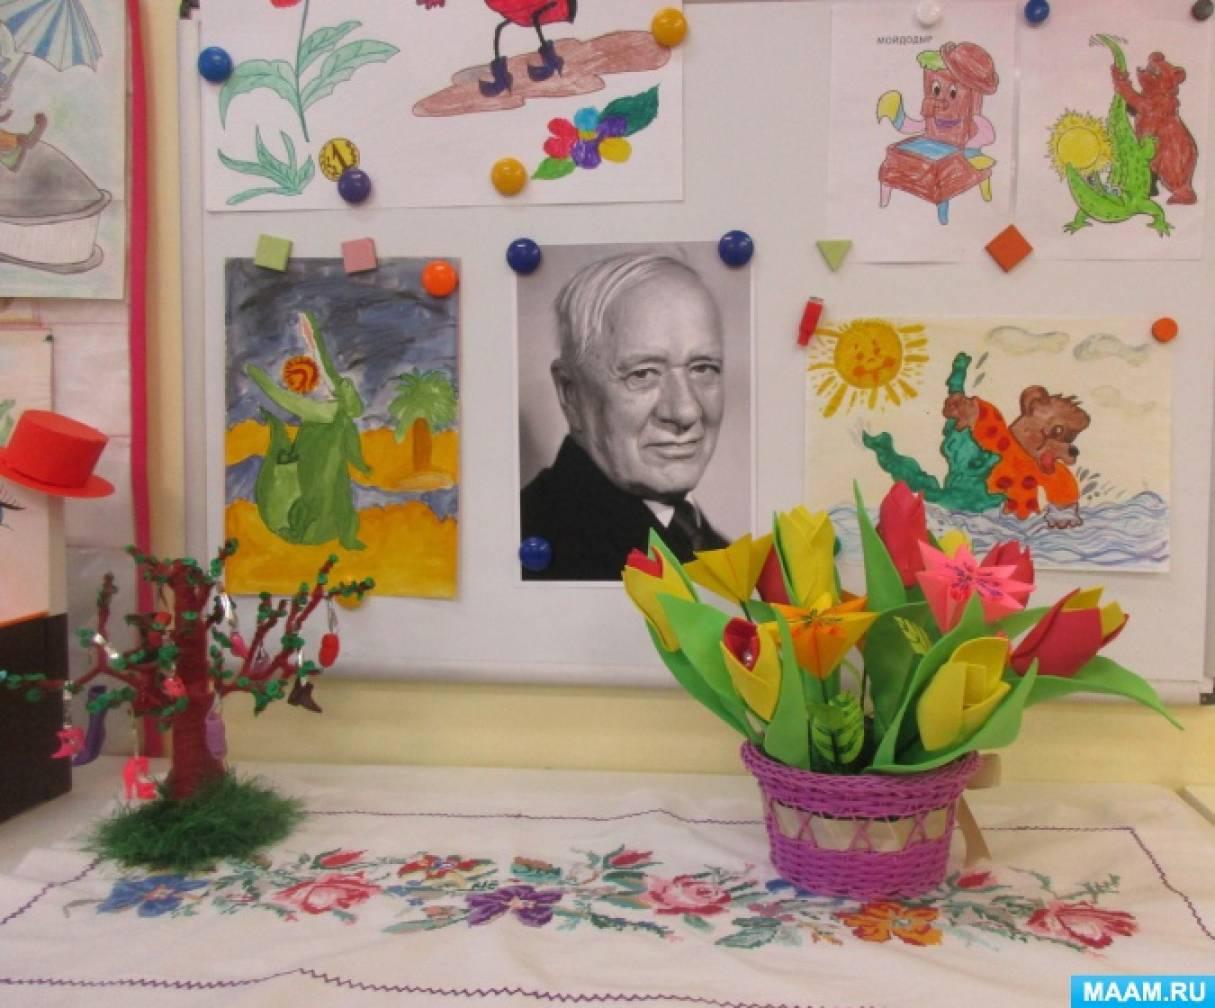 Игротека «Сказки дедушки Корнея» для детей 4–5 лет. По произведениям Корнея Ивановича Чуковского